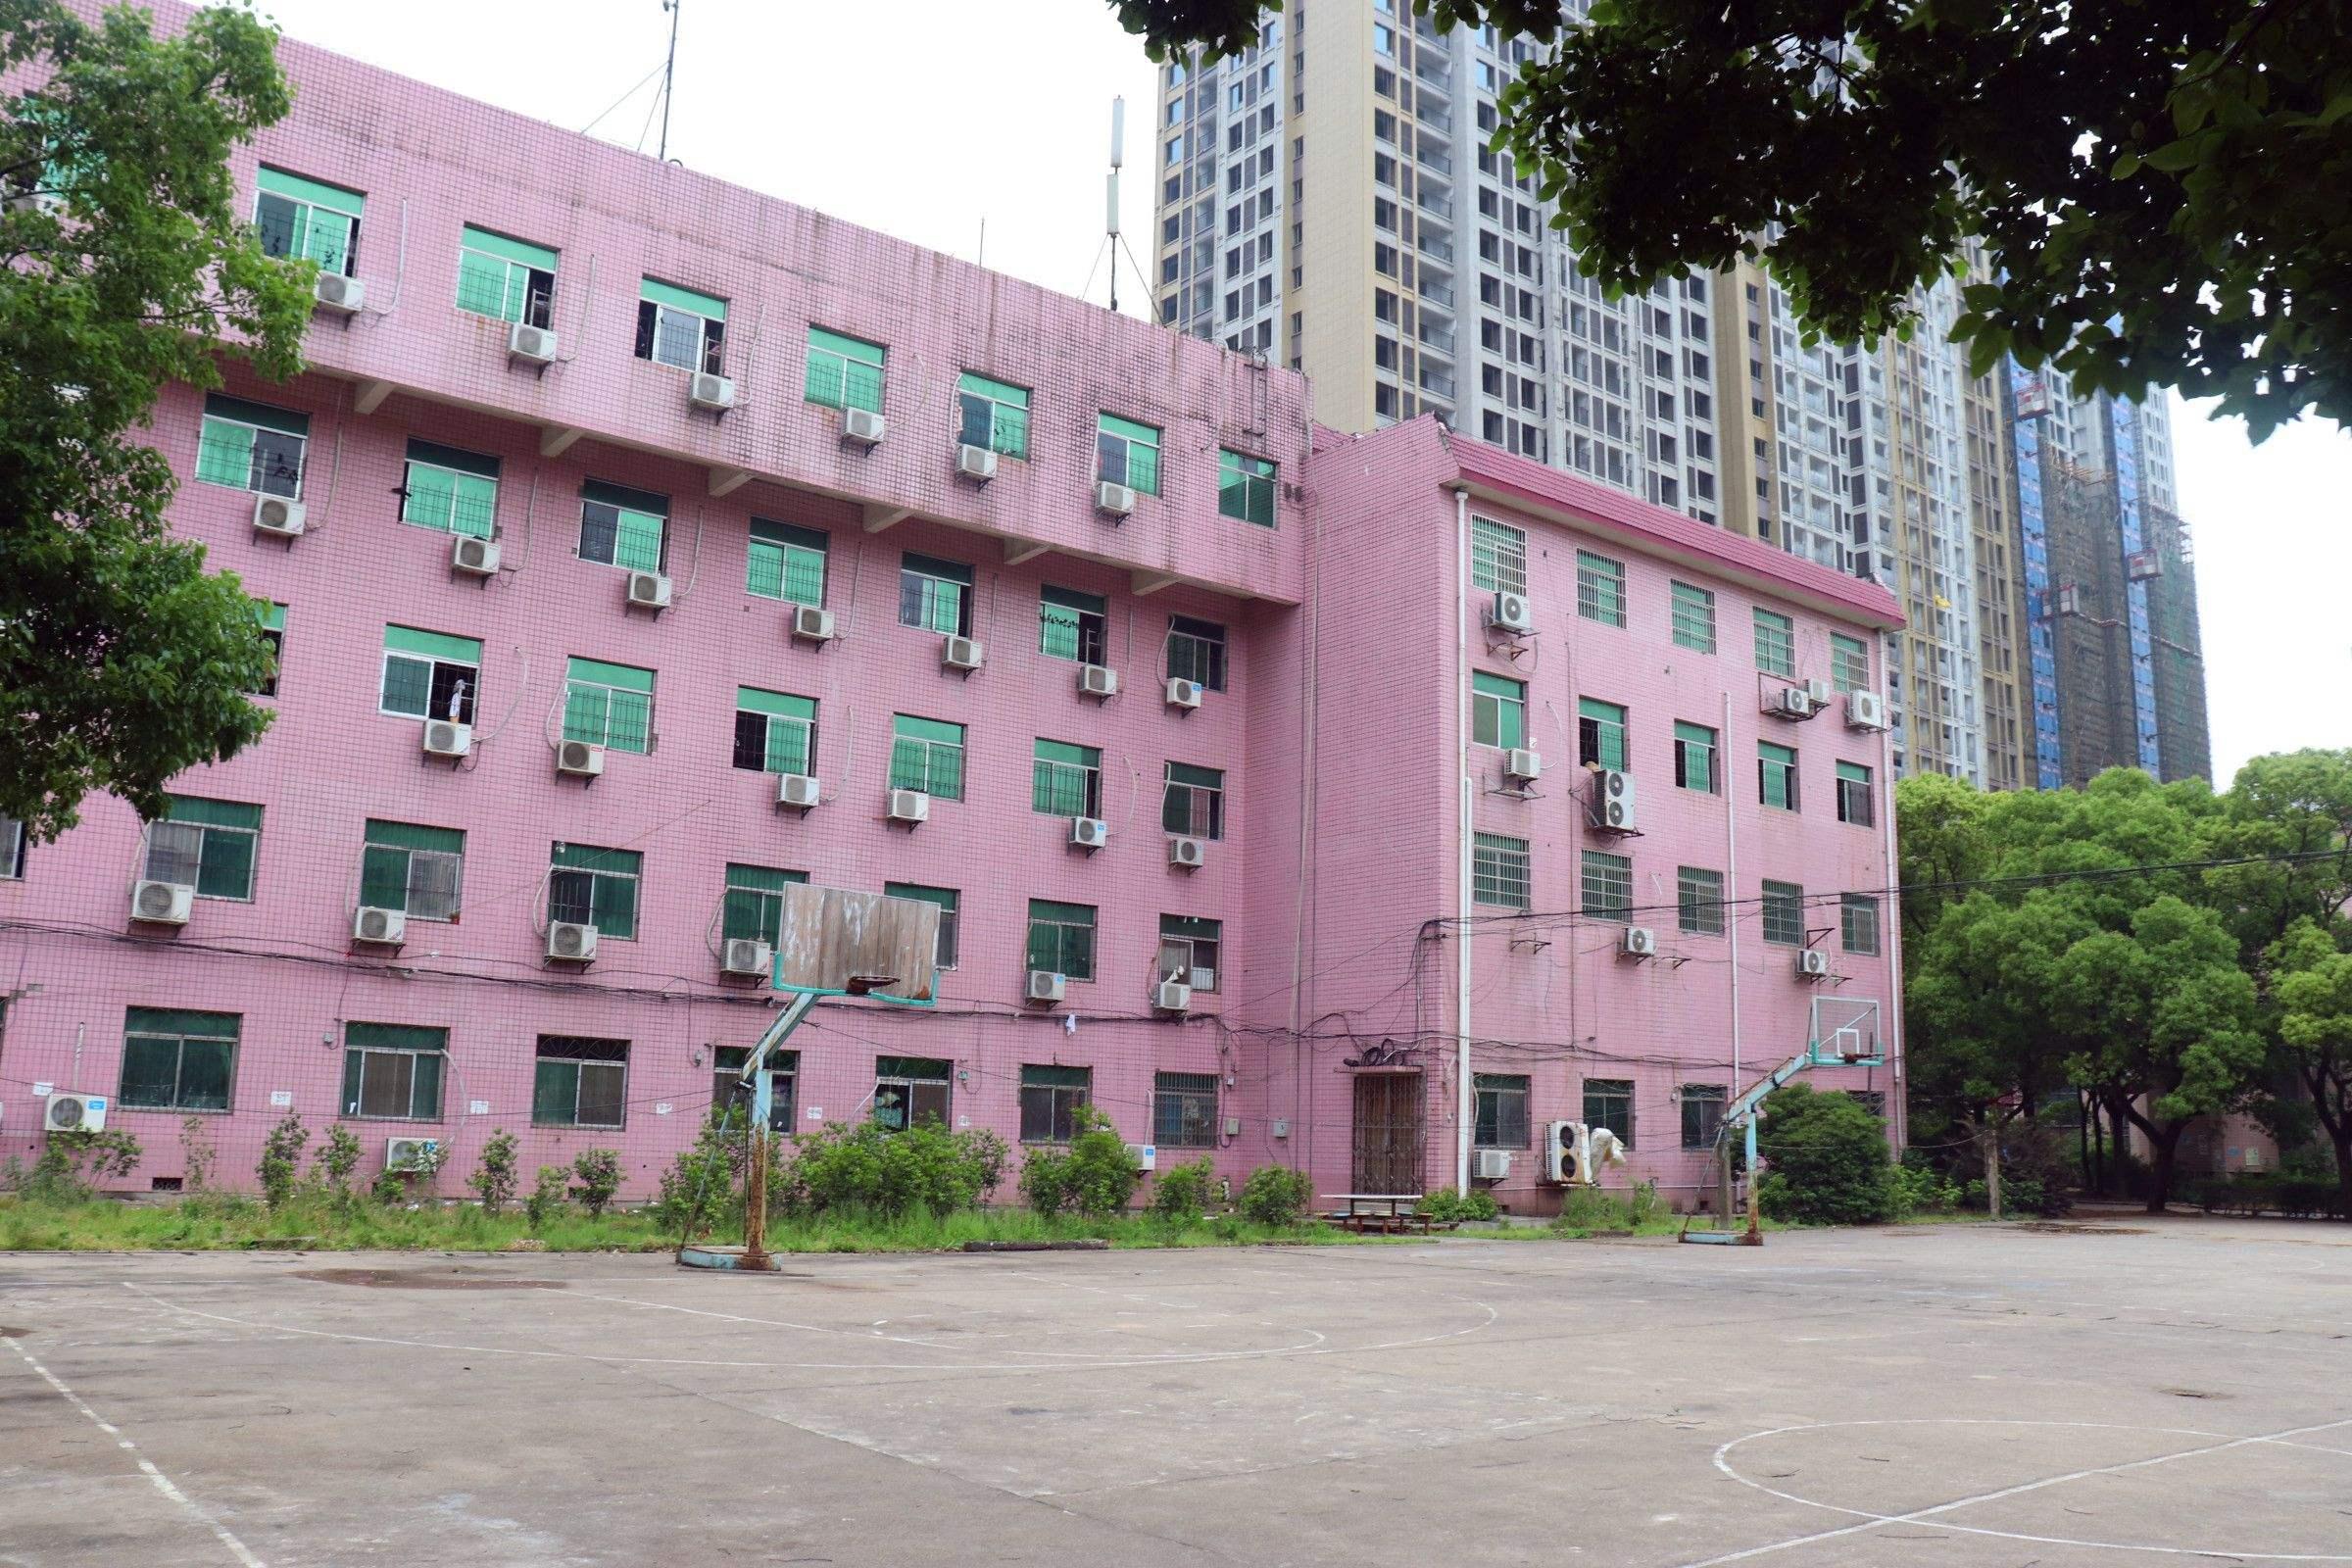 河北艺术职业技术学院